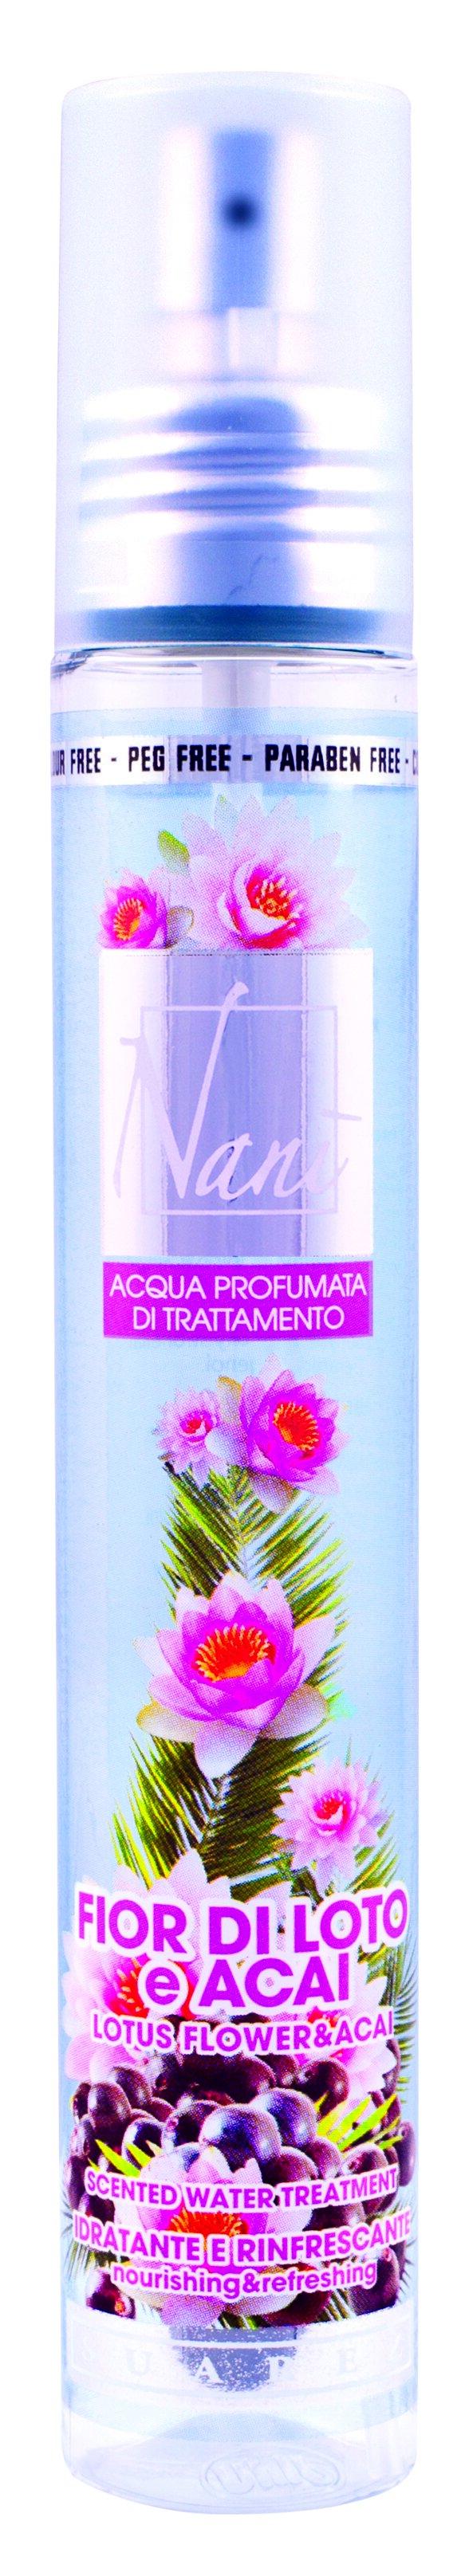 Parfémová voda Nani s přírodní aloe – Lotosový květ + acai